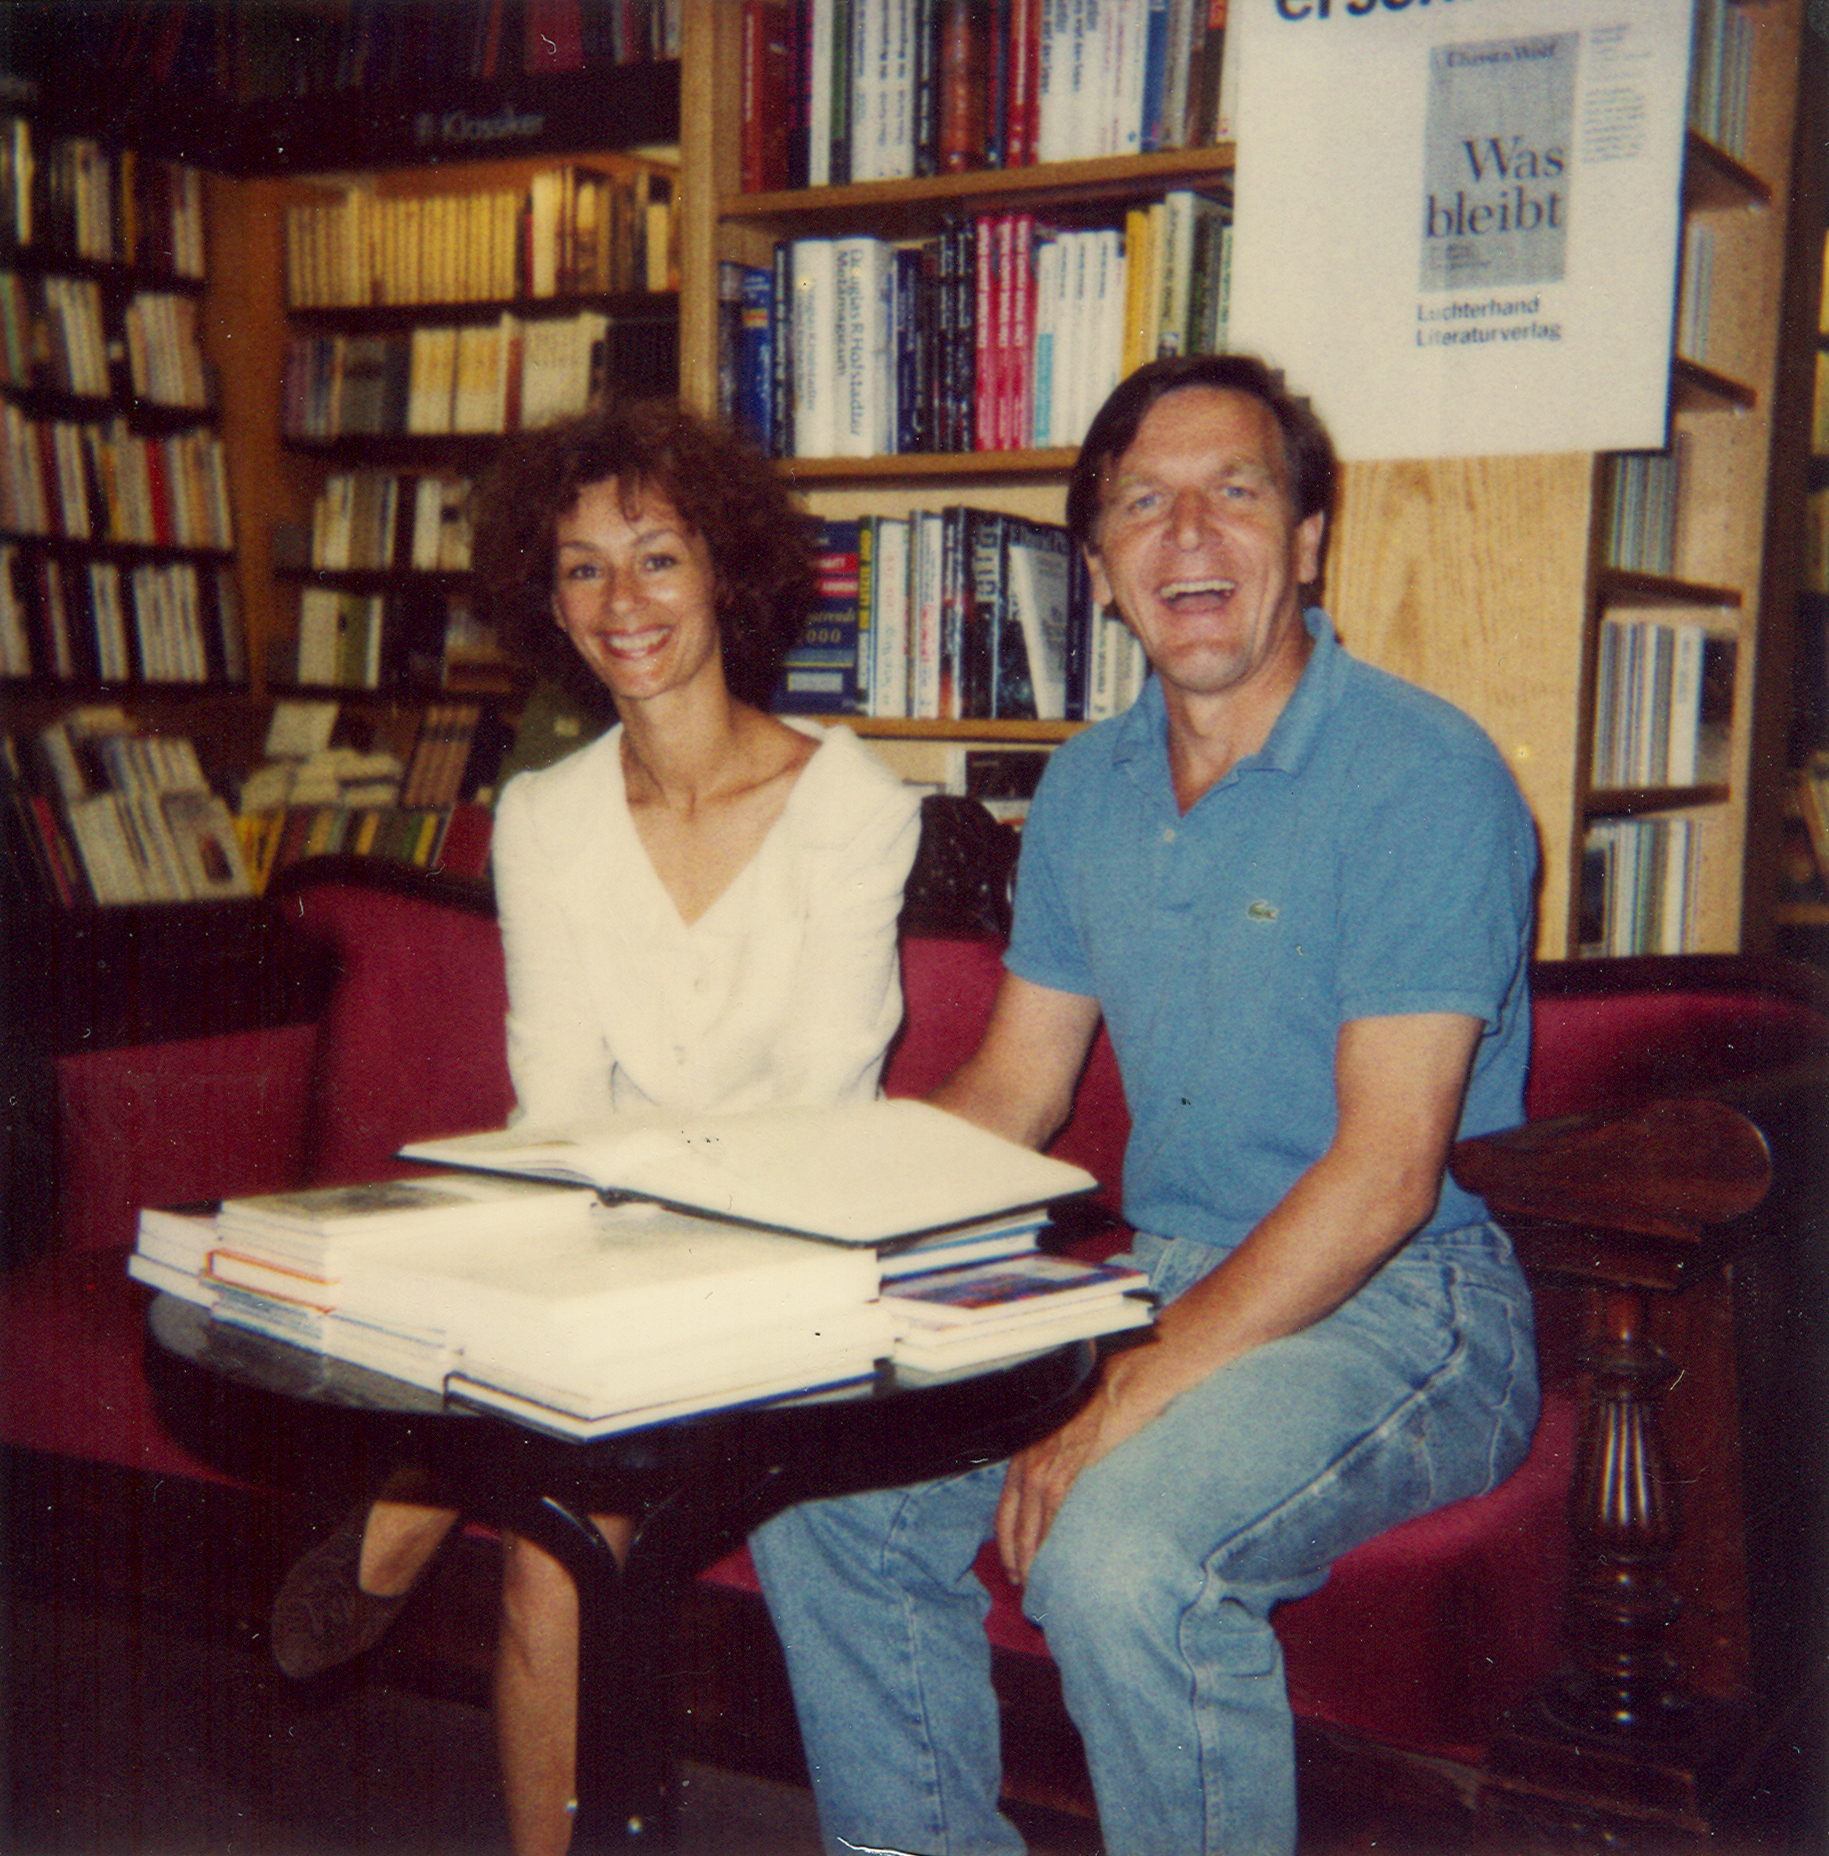 1990 mit seiner dritten ehefrau hiltrud wenige tage nach seiner wahl zum niederschsischen ministerprsidenten - Gerhard Schrder Lebenslauf